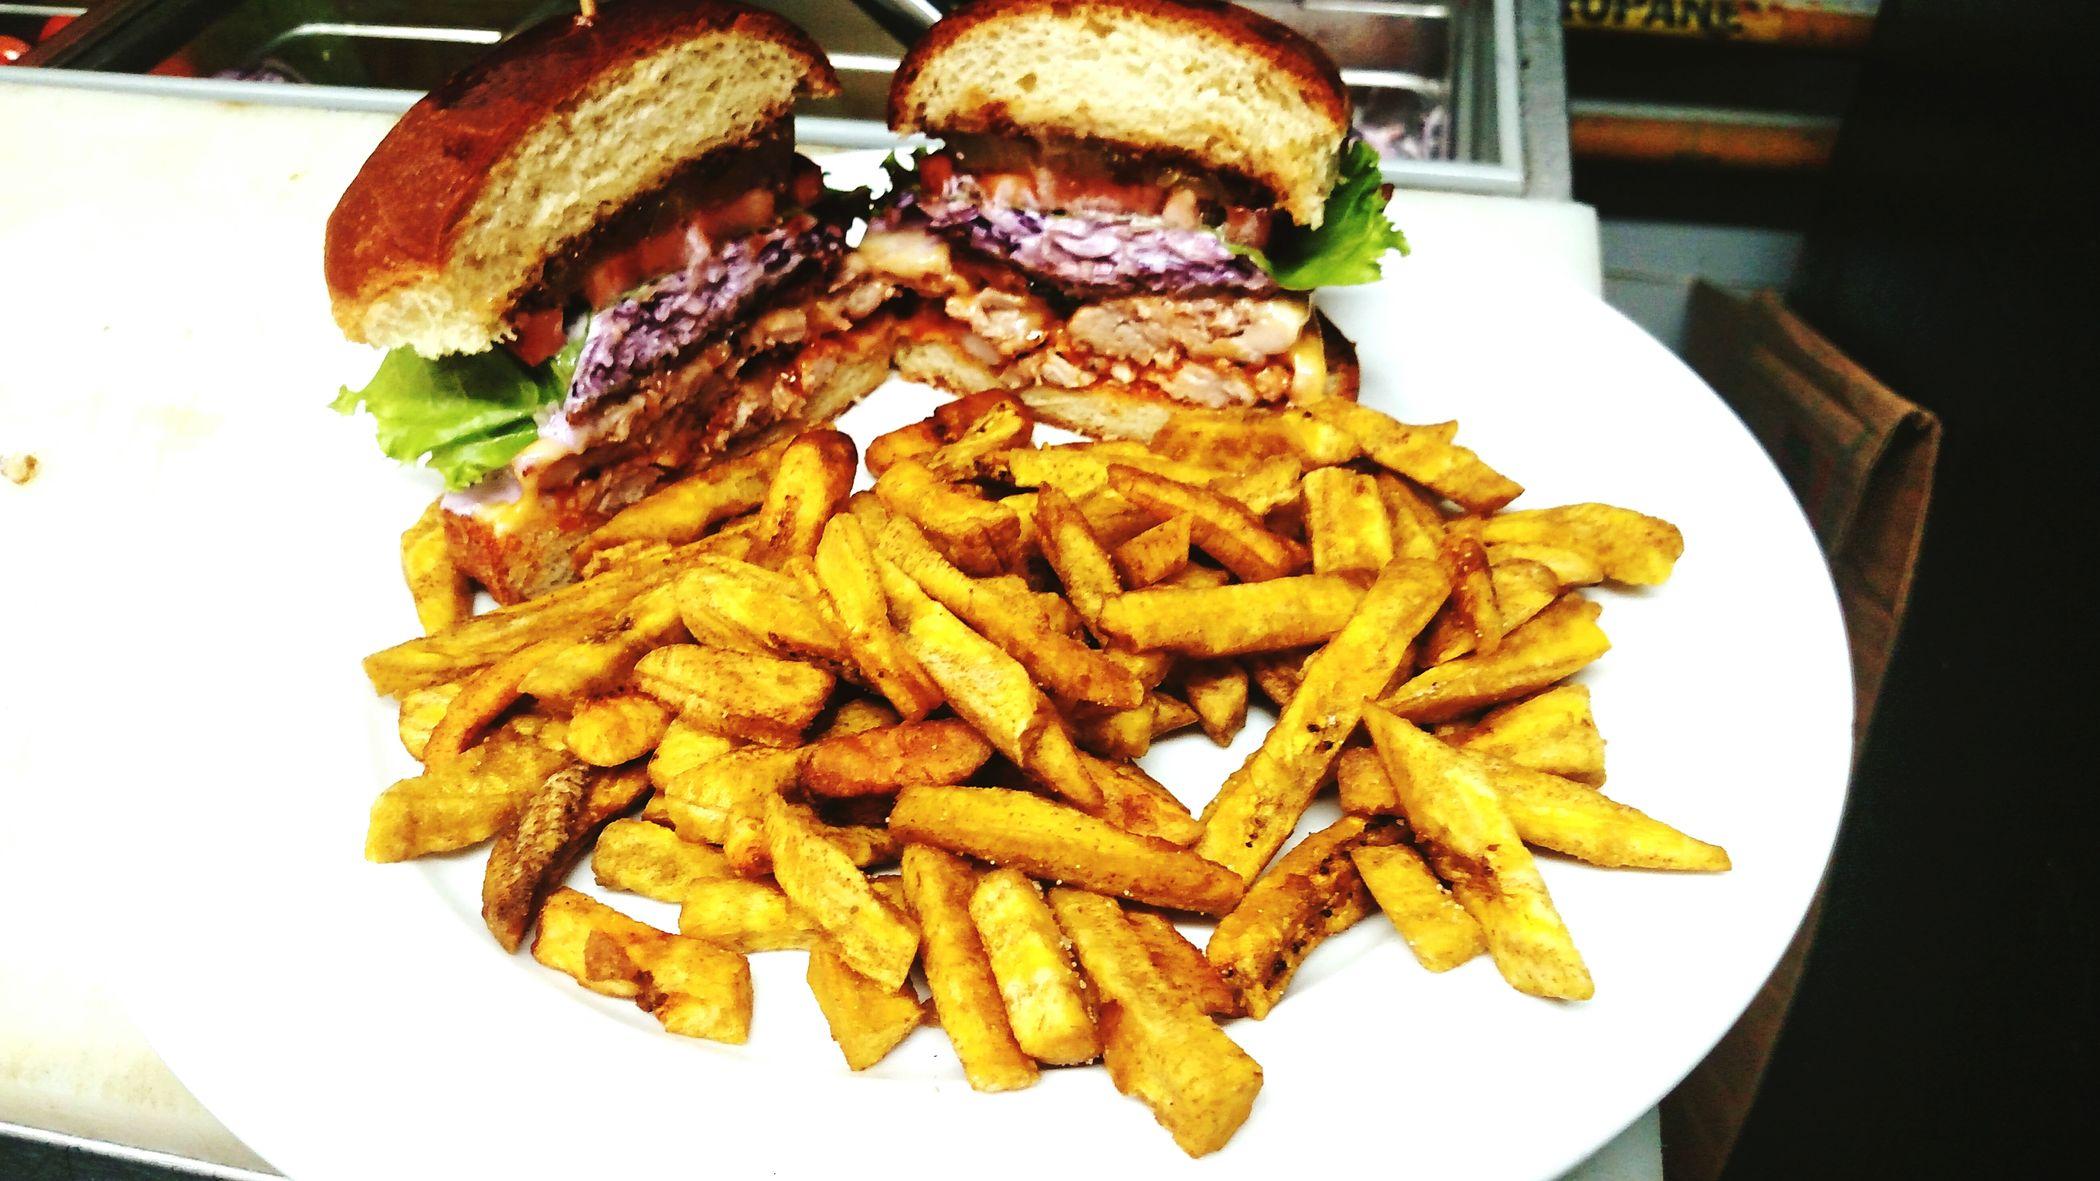 American Burger de pollo, ensalada de col, lechuga, tomate, cebolla y pepinillos, con salsa de BBQ, acompañado de palitos de plátano!!! EN Borinquen Burger, Aguadilla!!! First Eyeem Photo